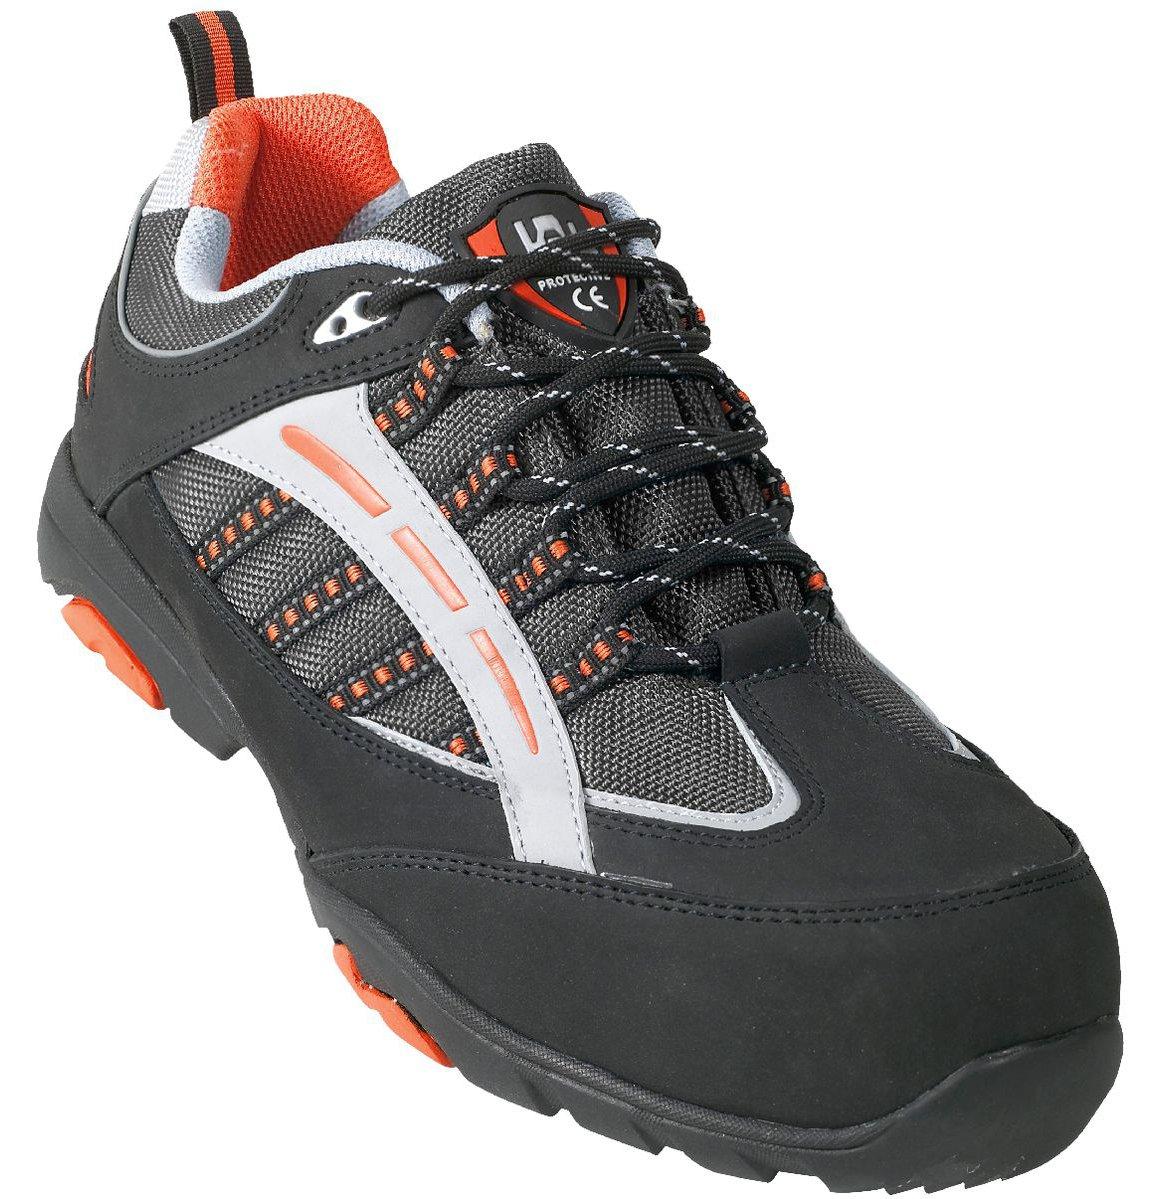 Mes chaussures de sécurité : vous allez savoir comment bien les choisir